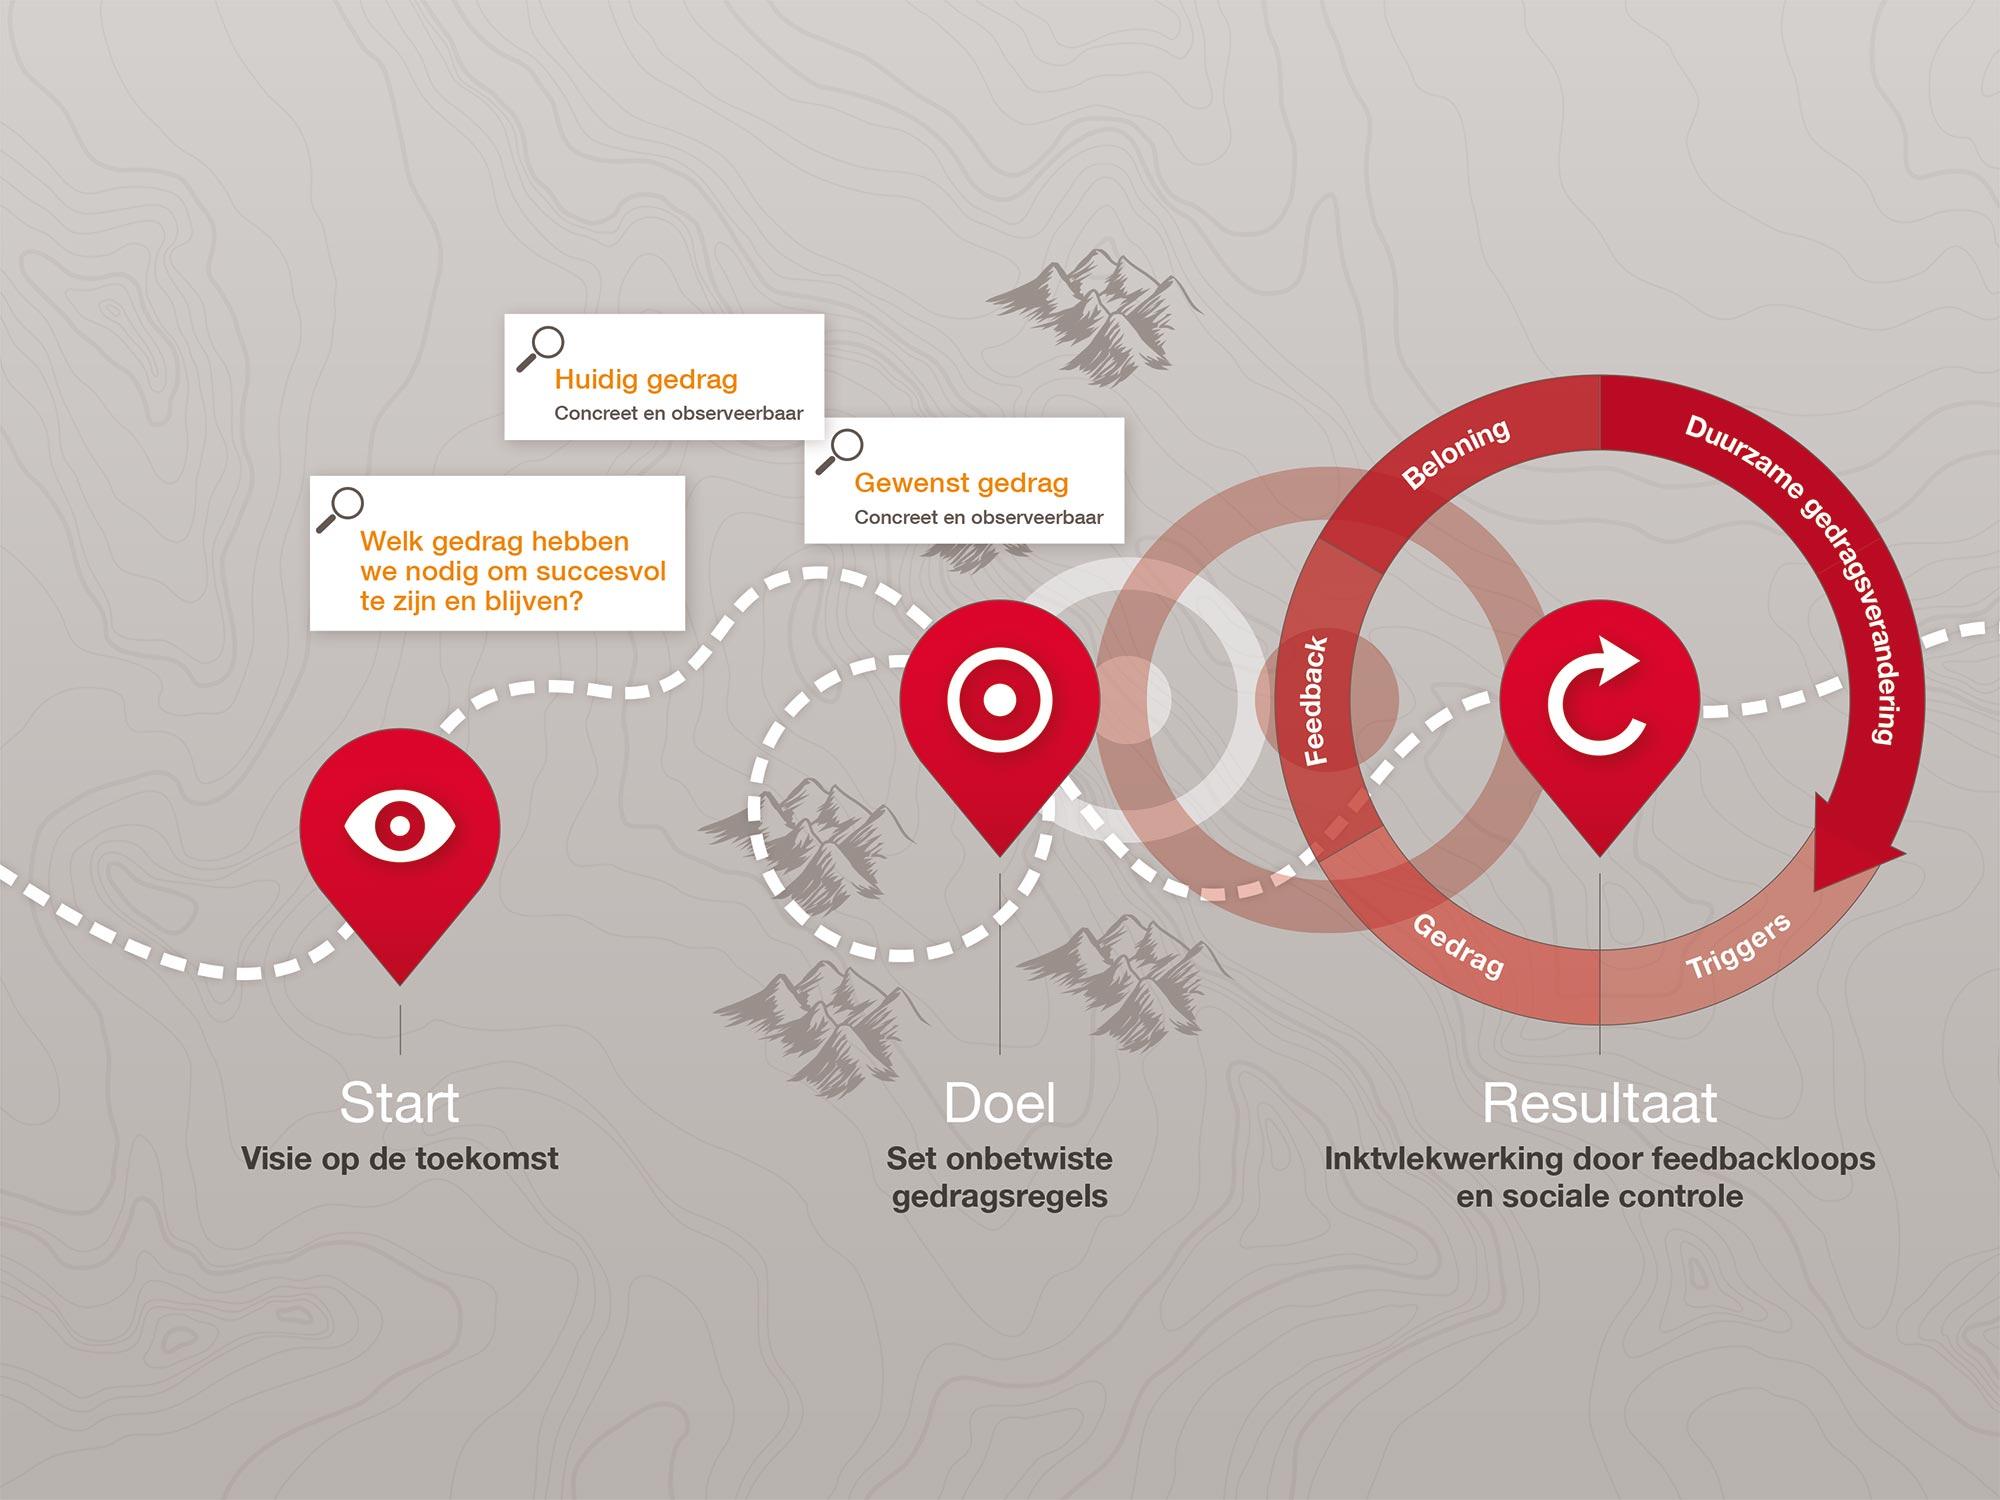 De weg naar succesvol veranderen BEX communicatie infographic JAgd ontwerp 2